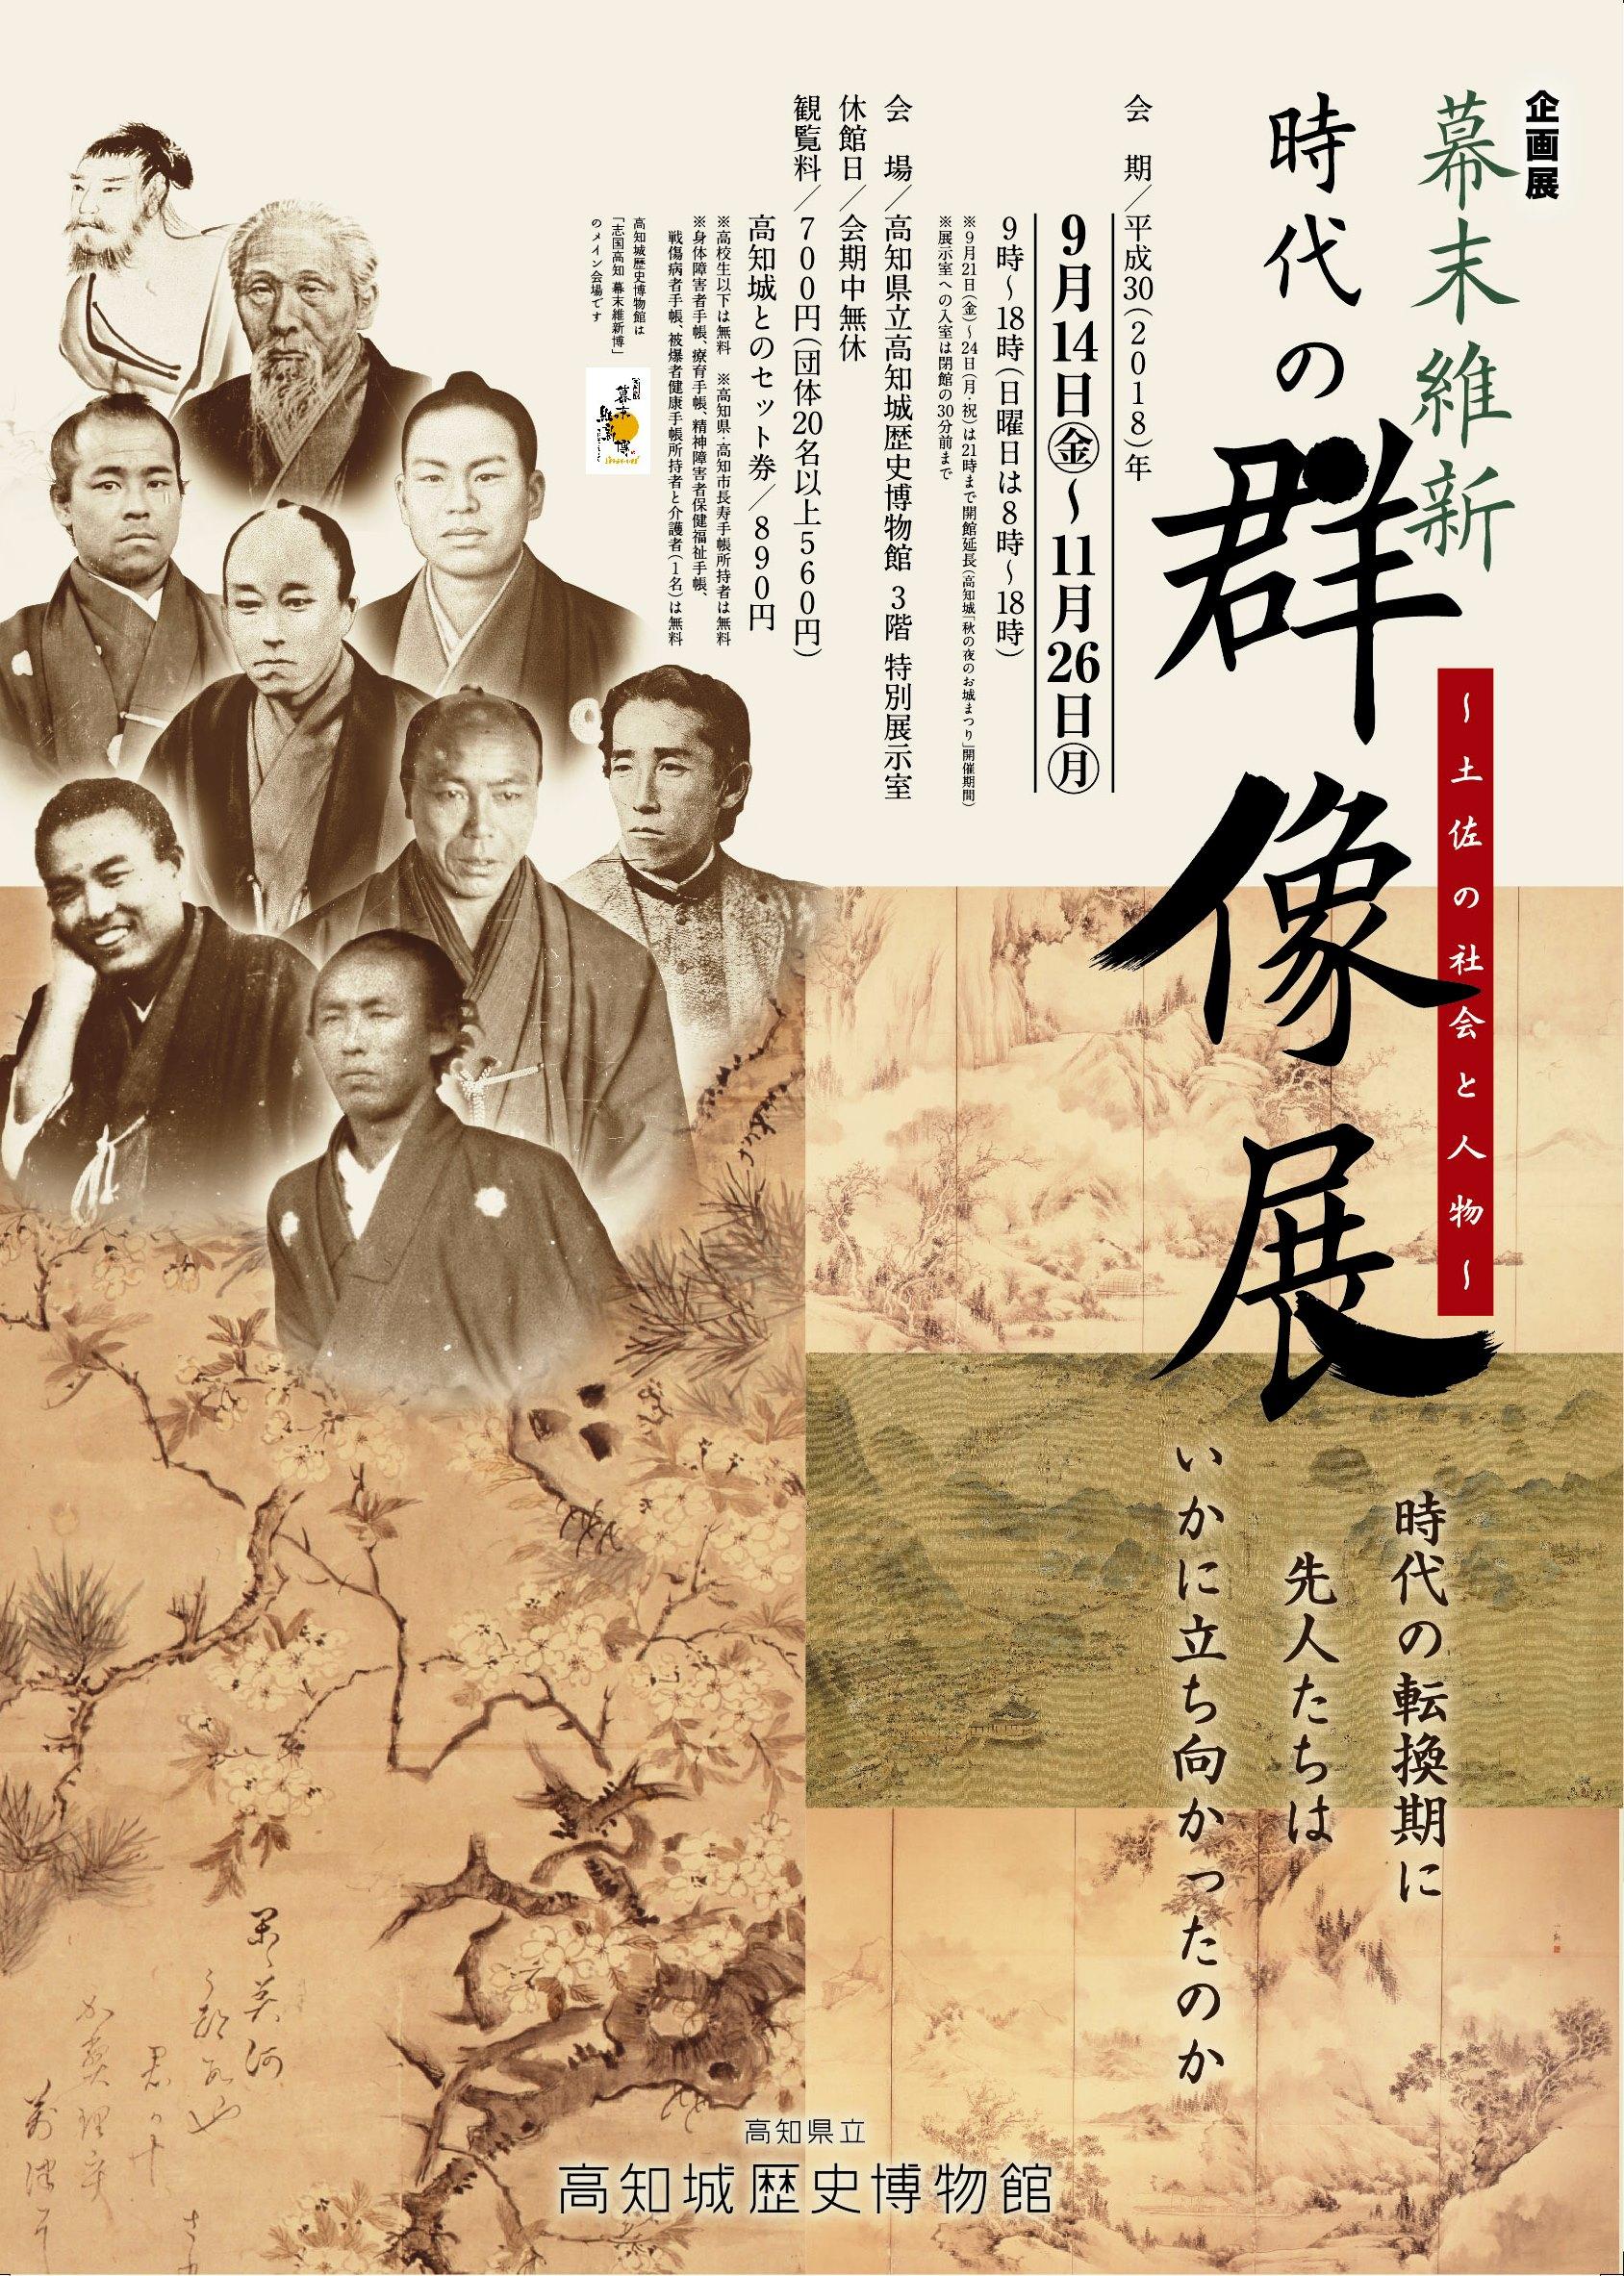 特別講座 慶応3年鏡川の熱狂 ~ノエクリ踊りと大仏踊り~